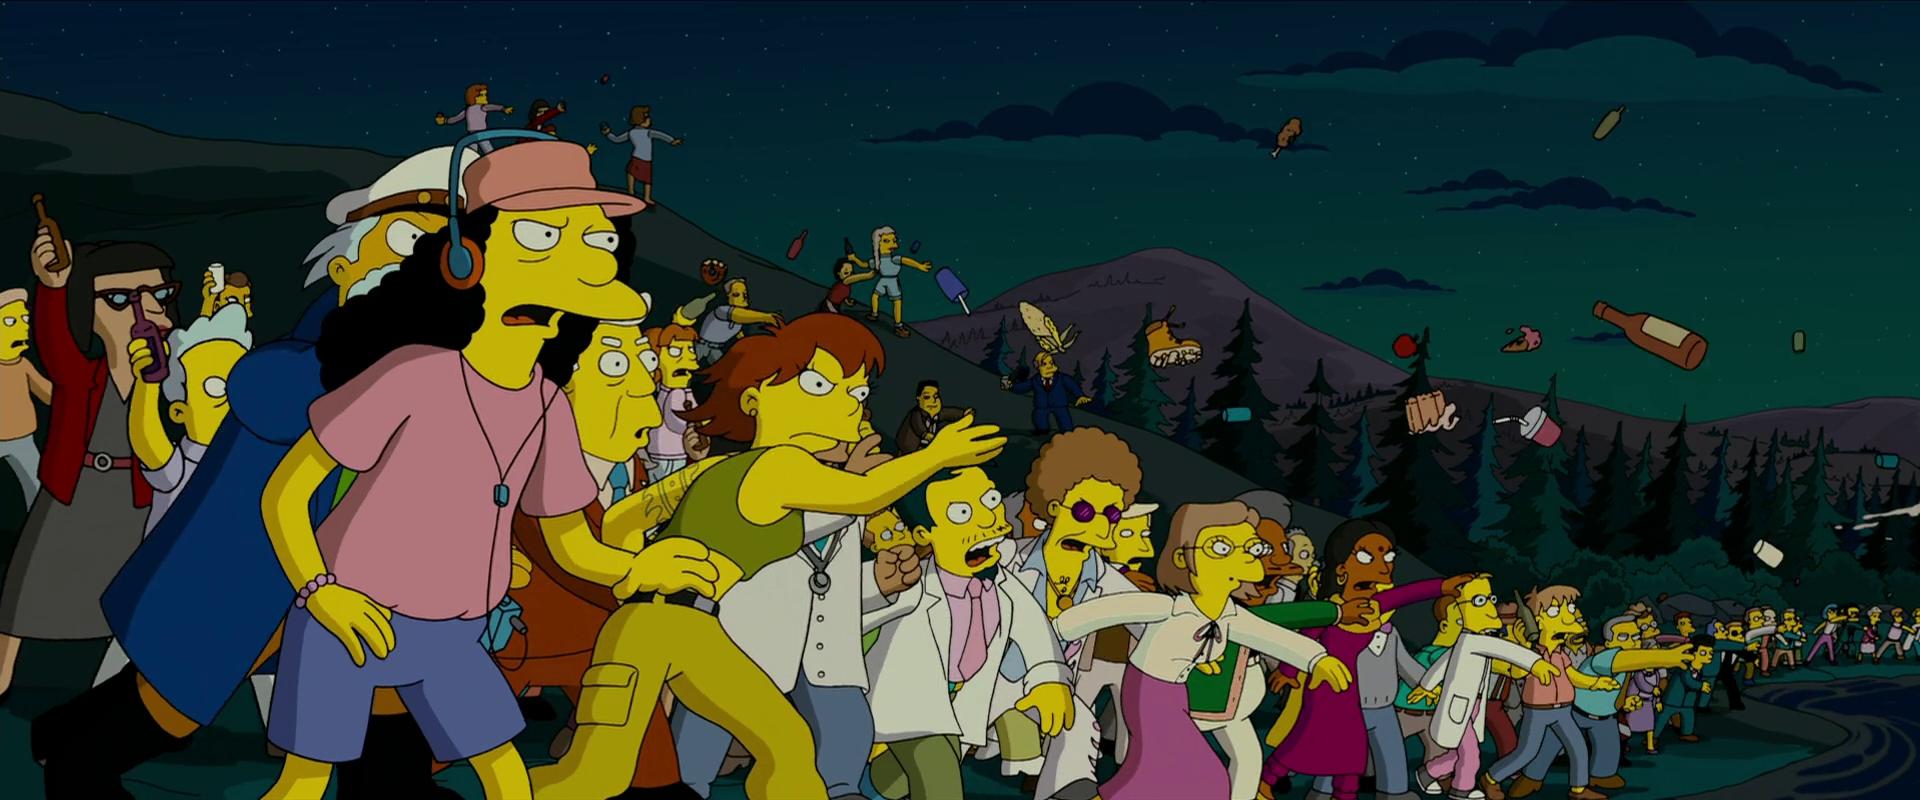 Фото оргии в симпсонах, Порно картинки Симпсоны Порно фото Симпсоны 5 фотография